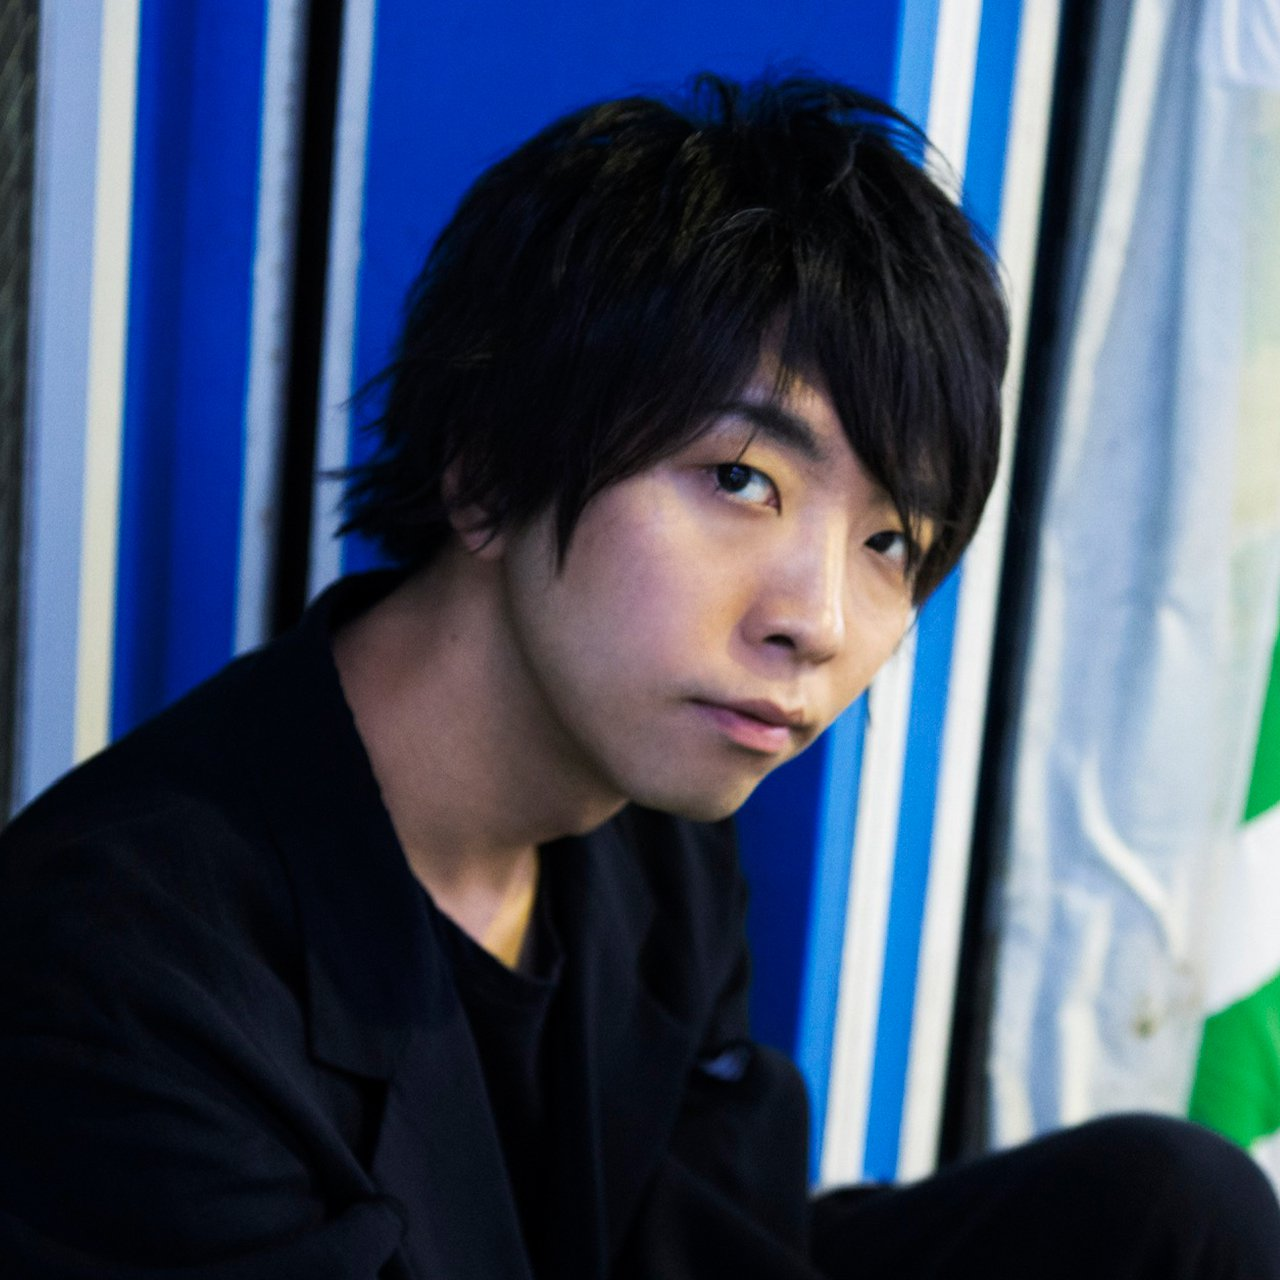 Photo of Yoichi Ochiai